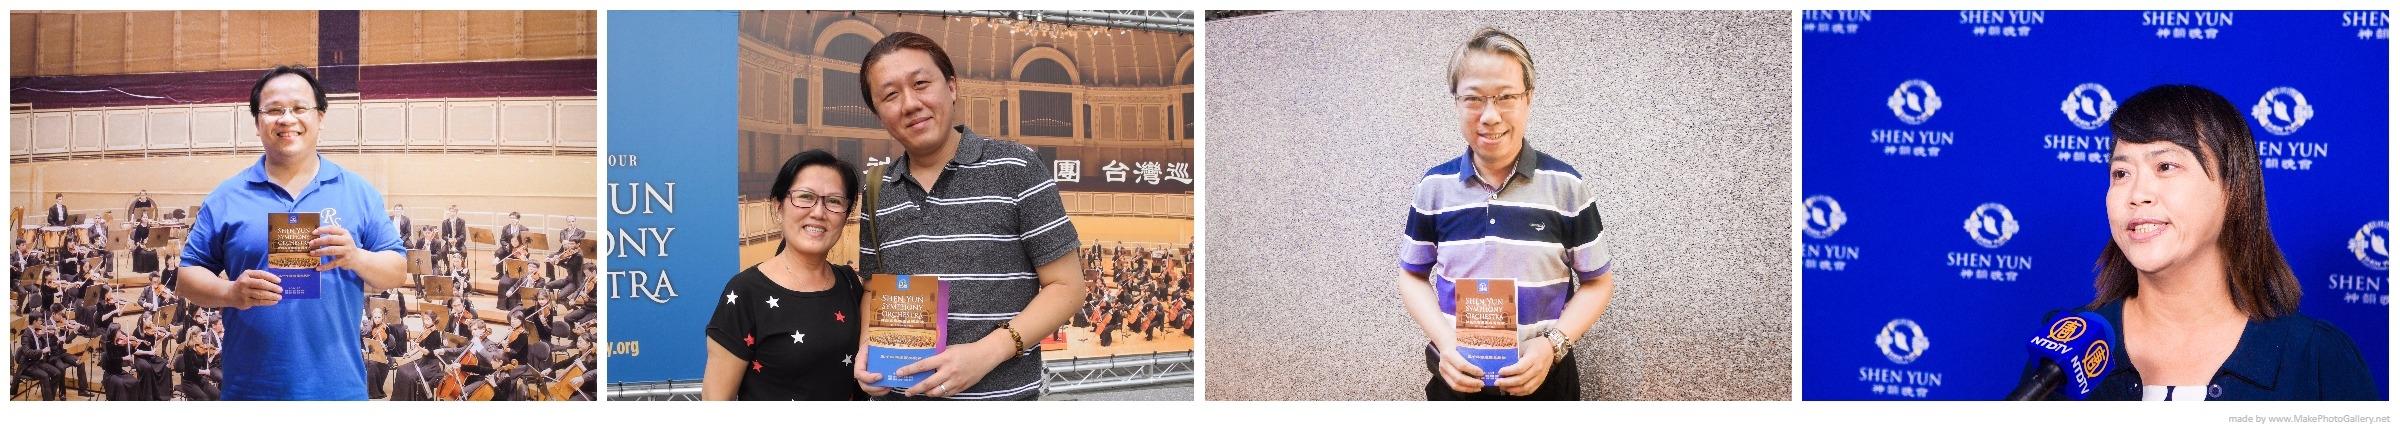 日新建設集團執行長魏木忠、環球科技大學視覺傳達設計系主任劉懷幃與母親、香港旅遊業議會委員戴卓賢、彰美獅子會會長李英英(左至右)觀賞2017神韻交響樂在台灣的演出。(大紀元合成)